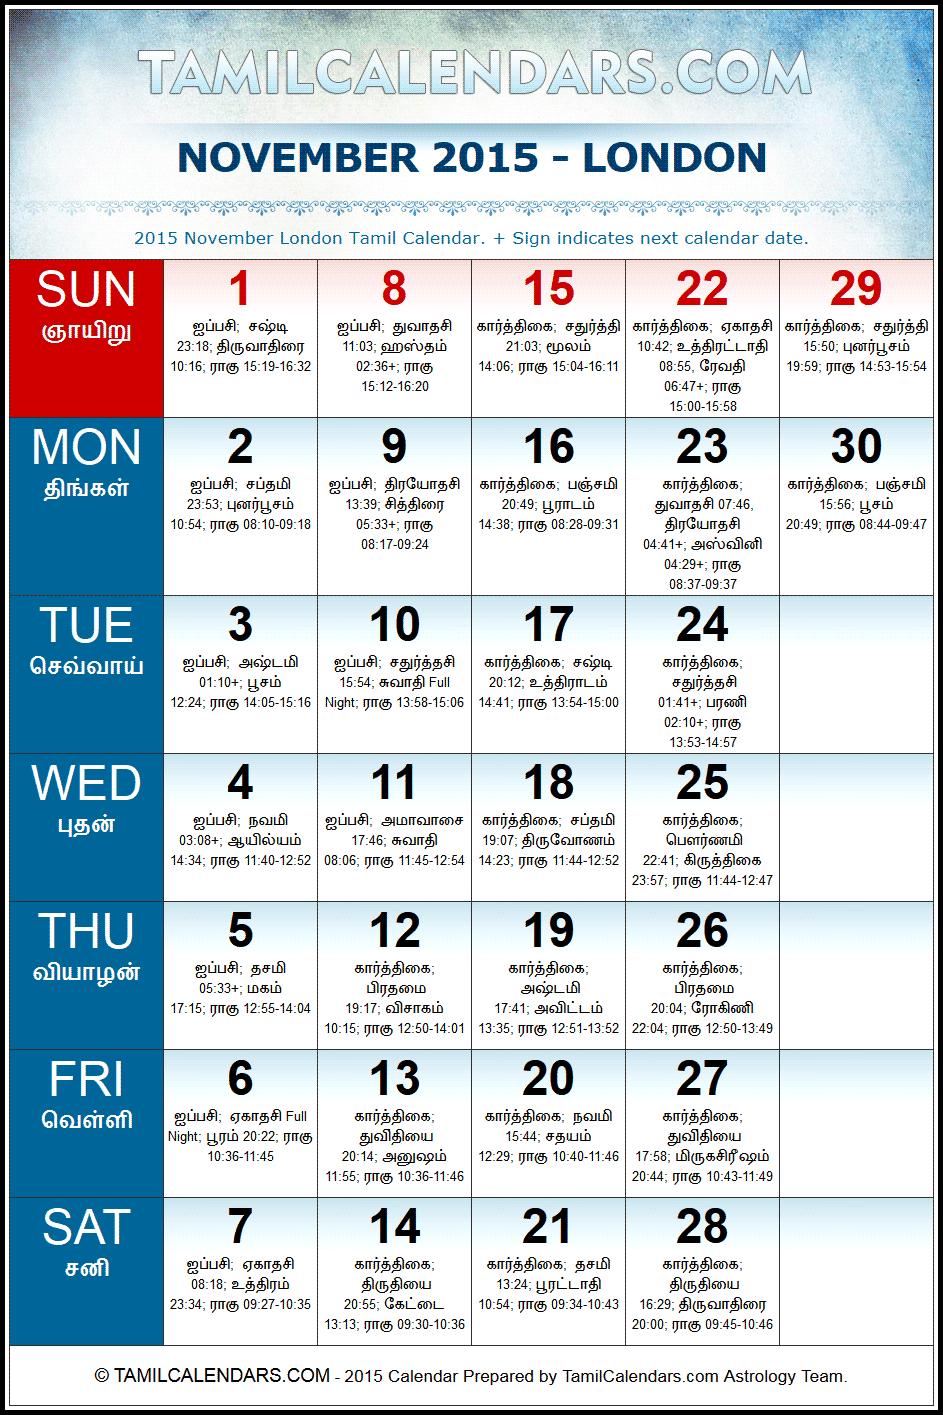 November 2015 London Tamil Calendar | Download UK Tamil Calendars PDF ...